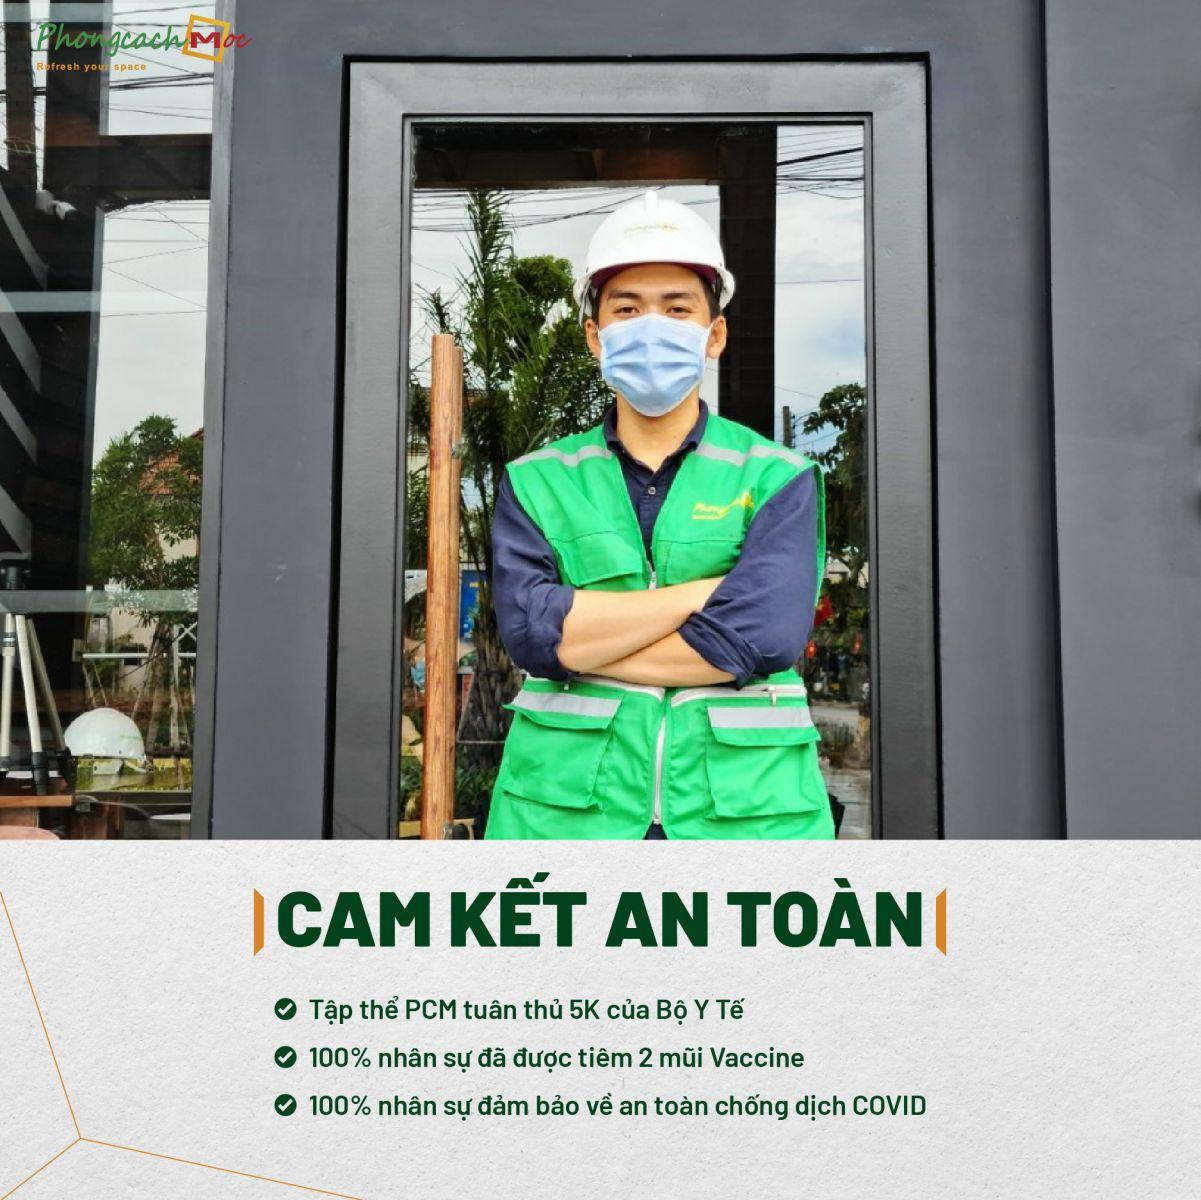 cam-ket-an-toan